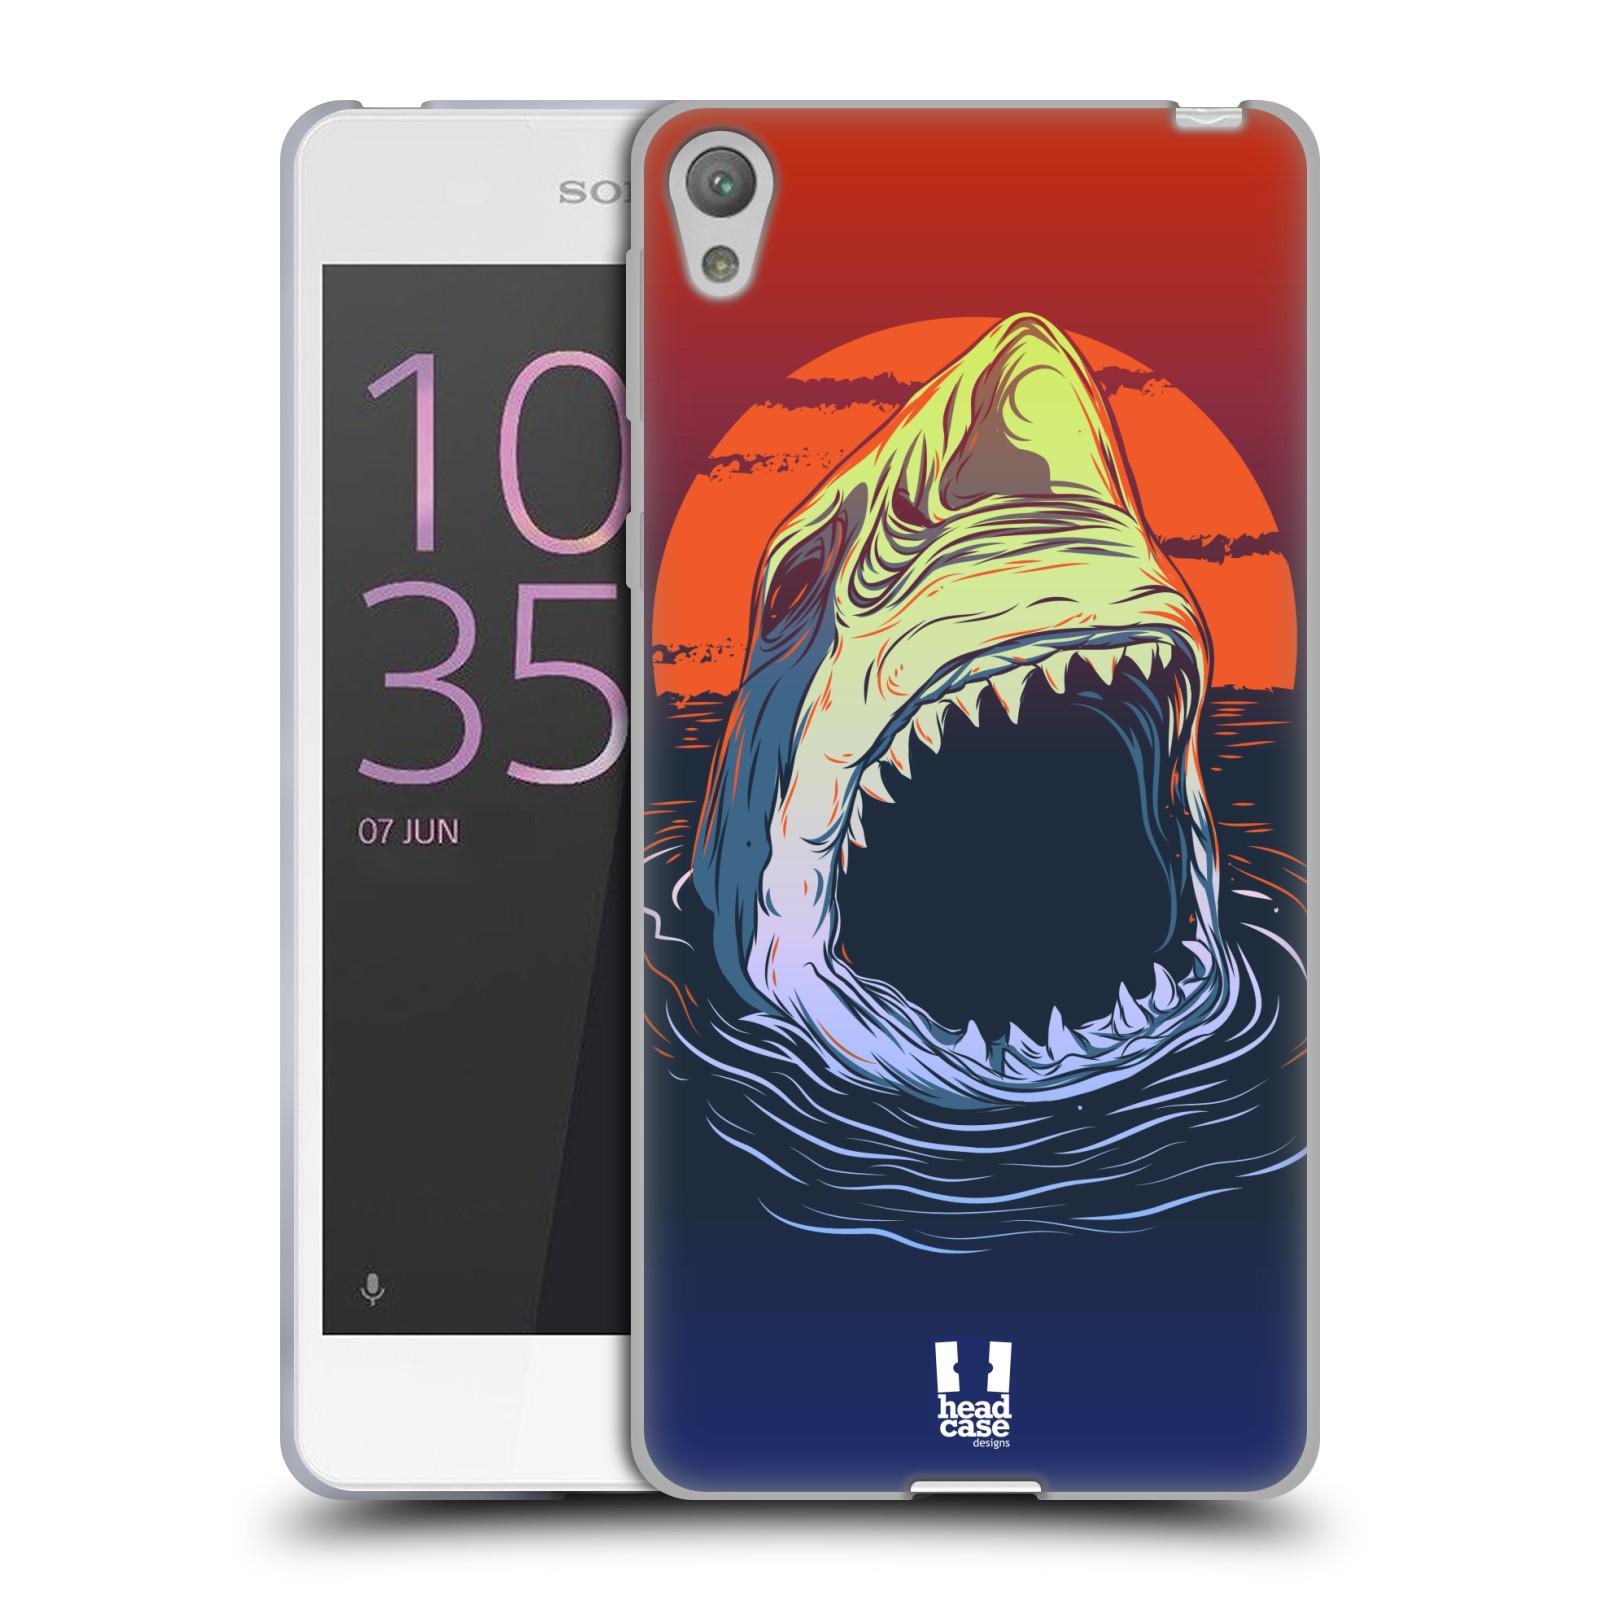 HEAD CASE silikonový obal na mobil SONY XPERIA E5 vzor mořská monstra žralok